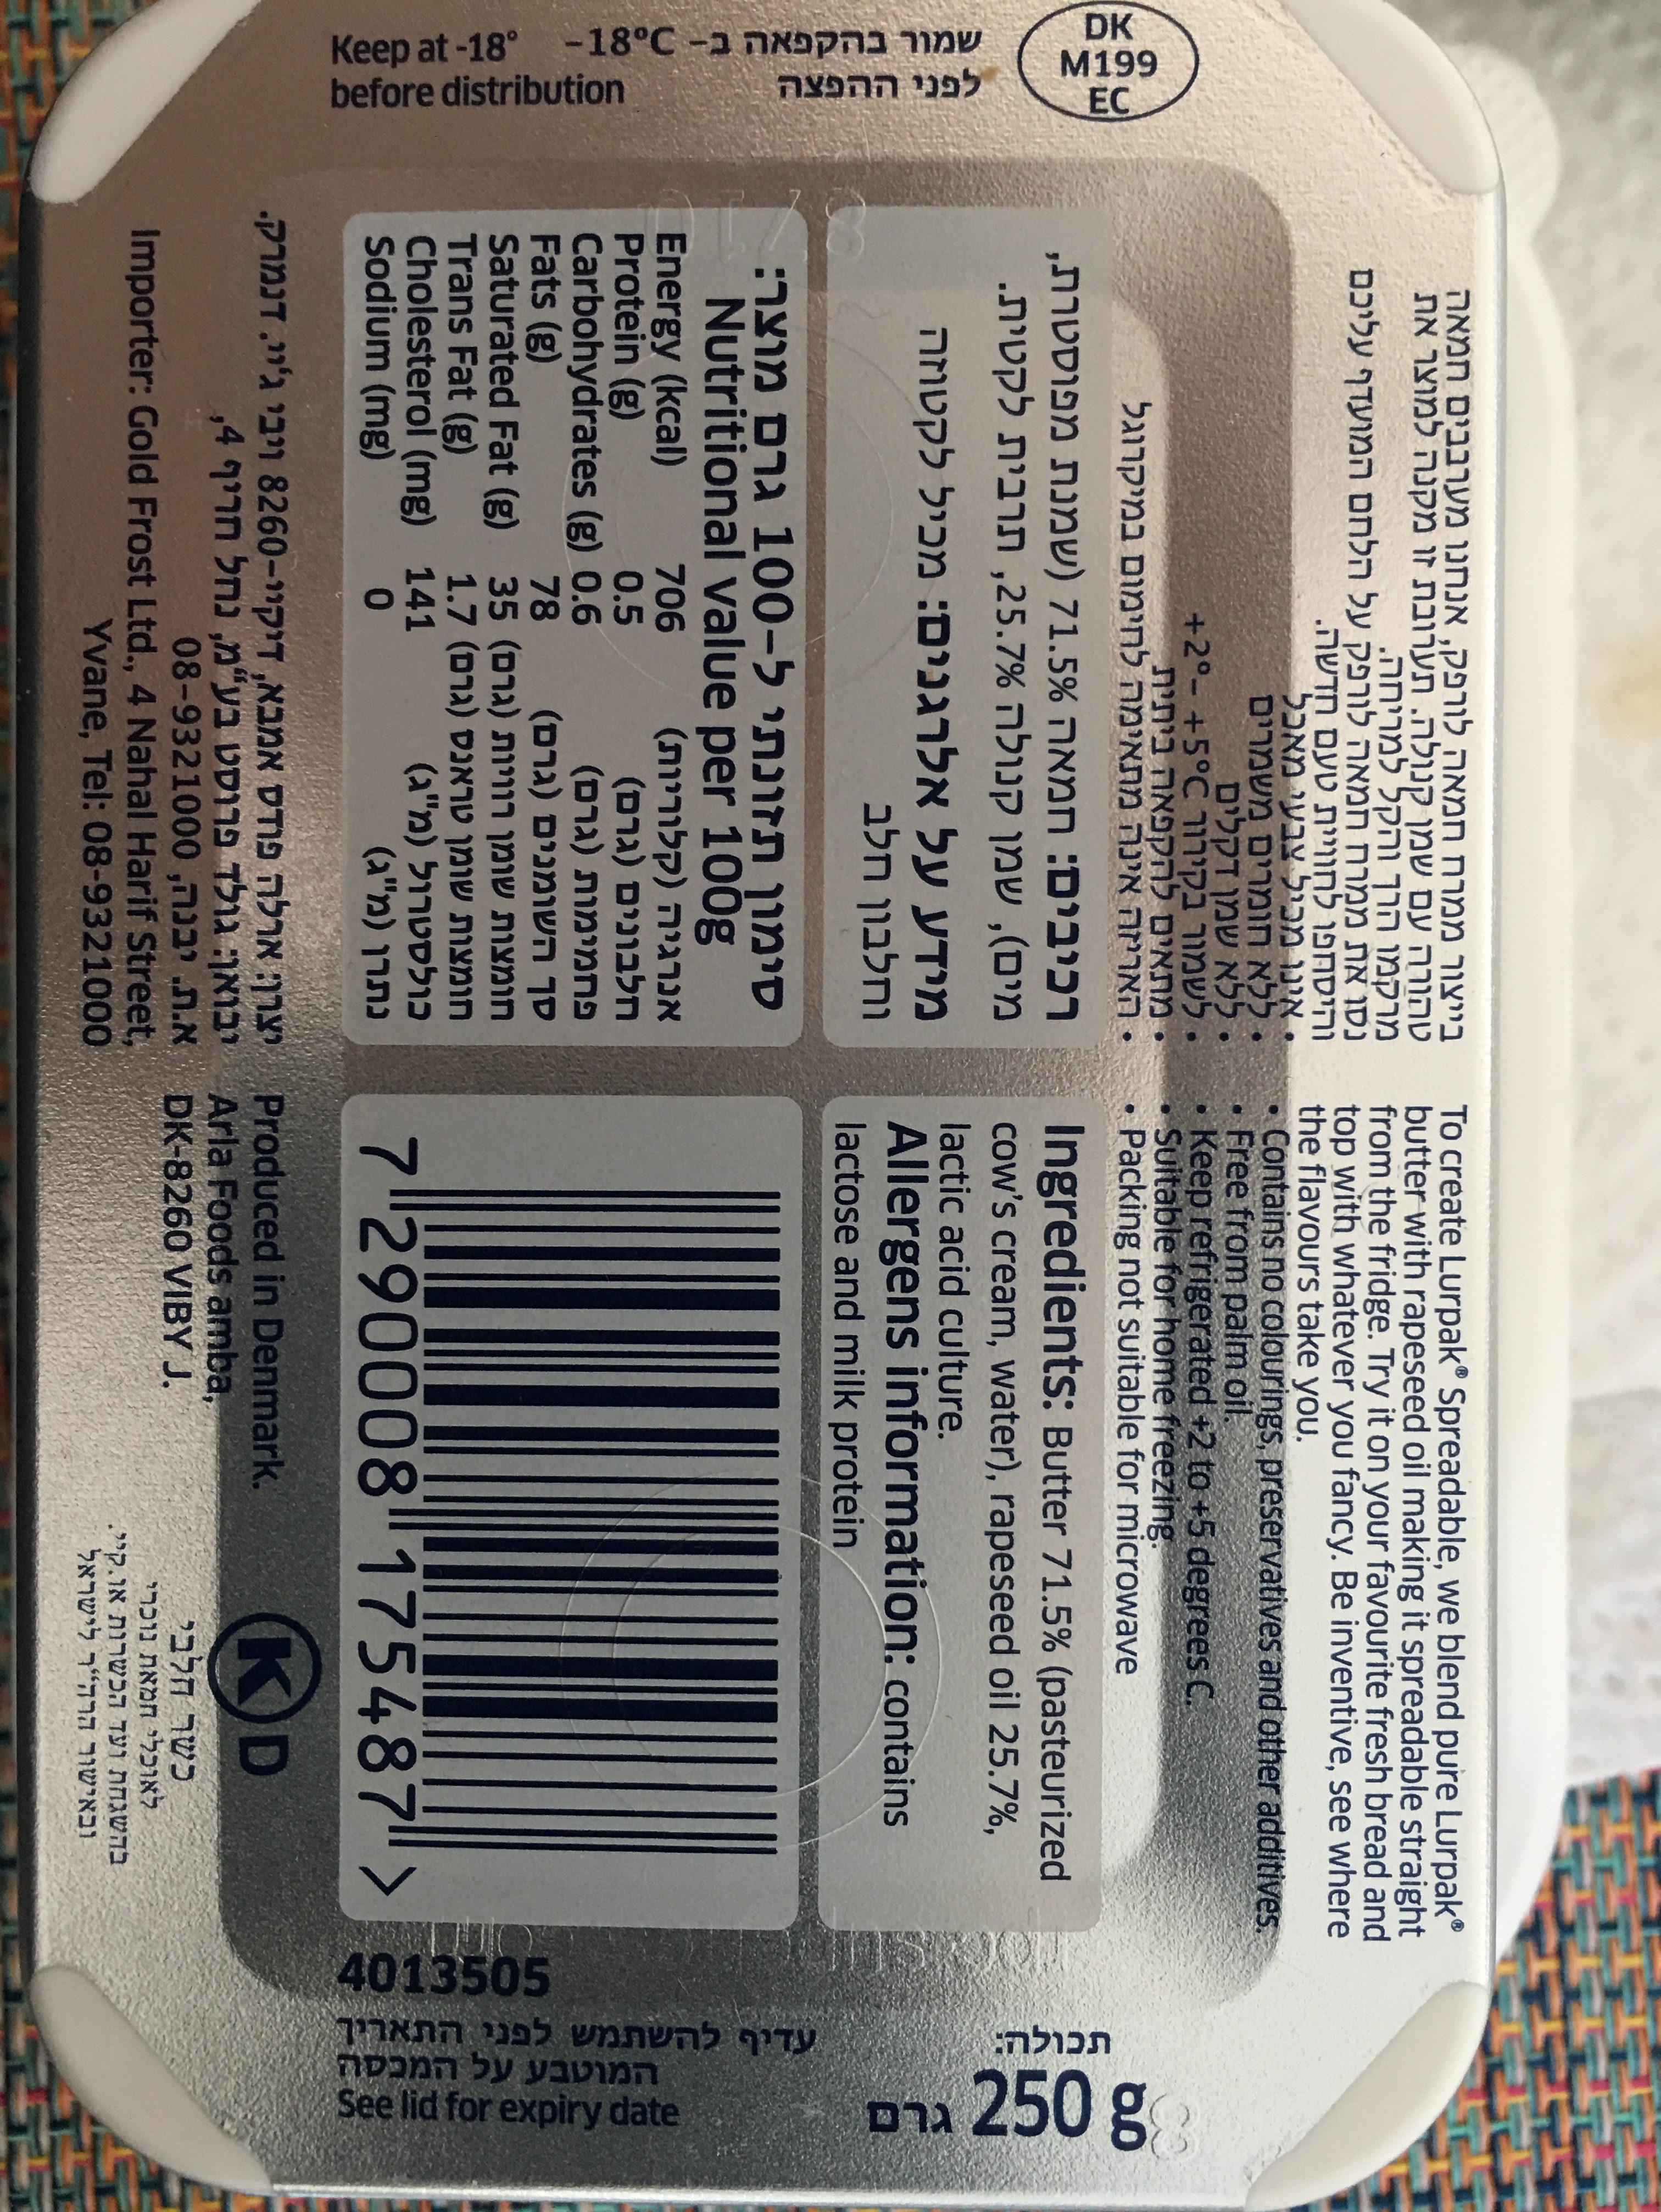 Lurpak - Ingredients - en